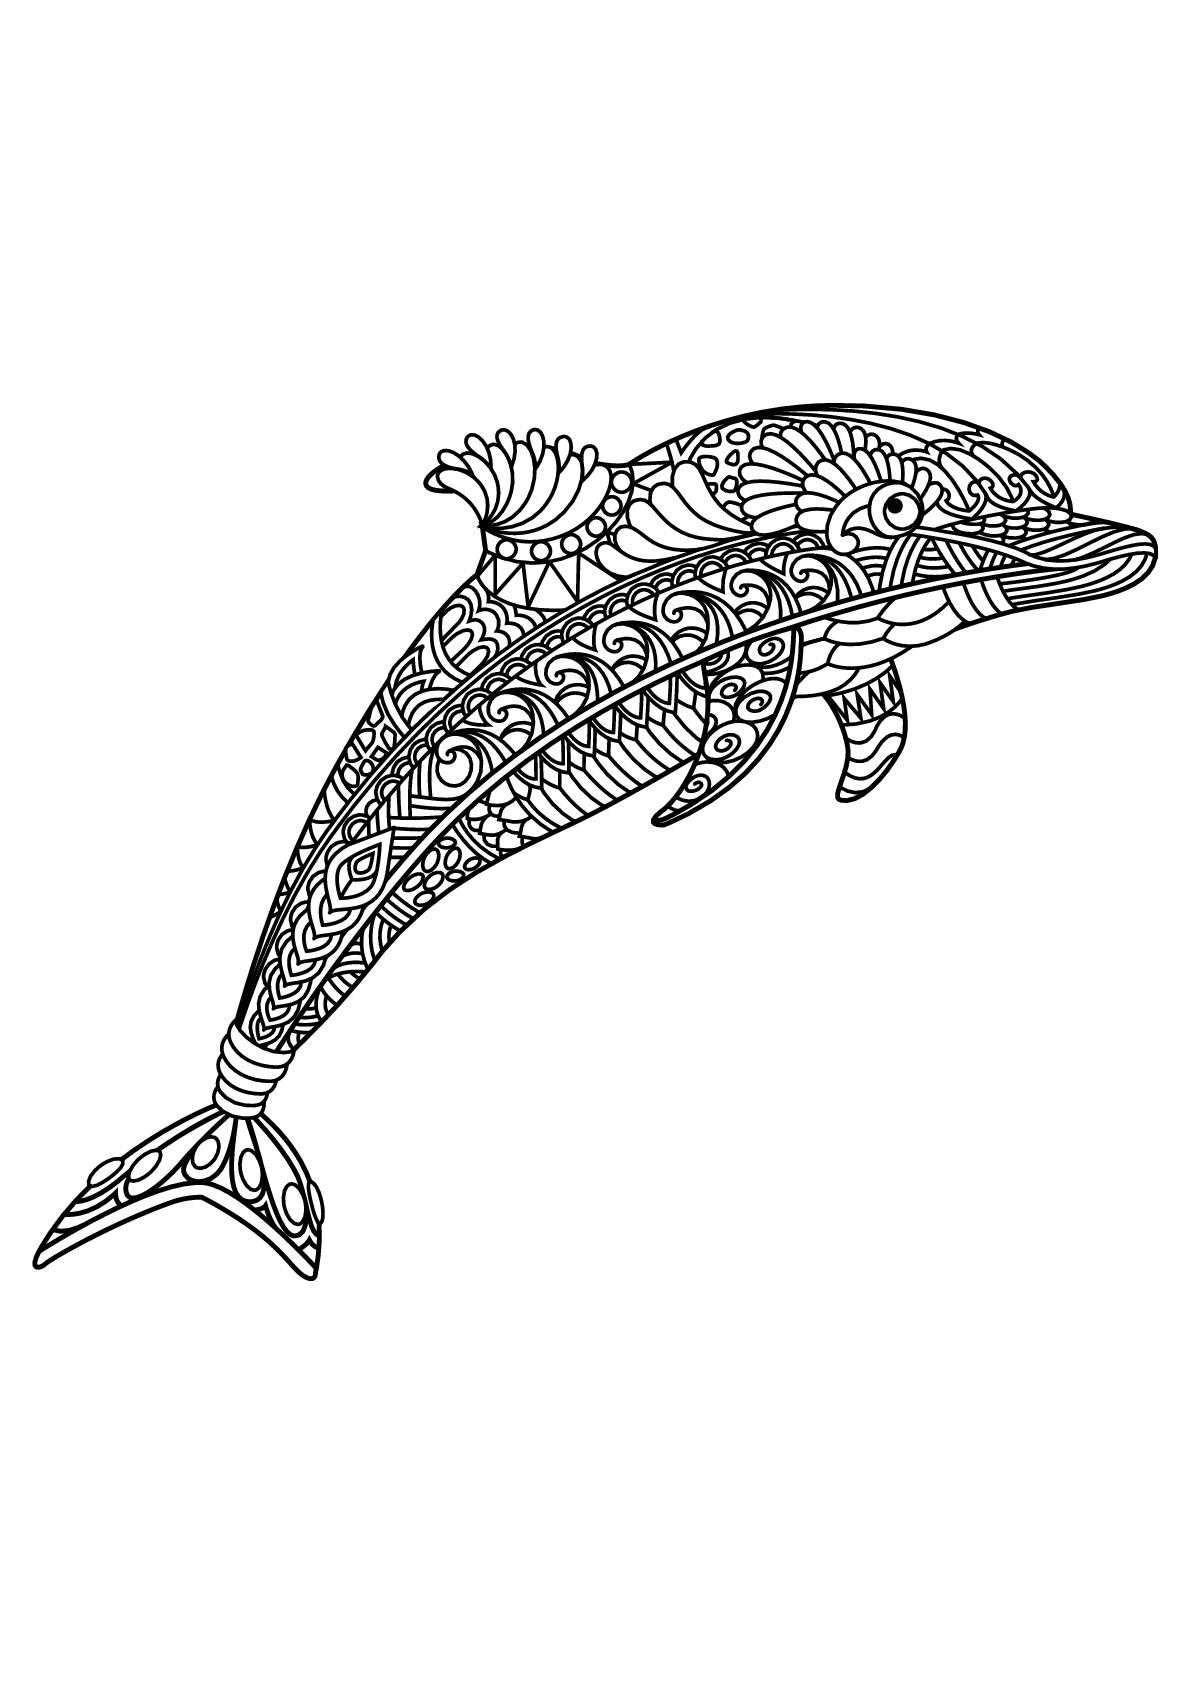 Delfini 50105 delfini disegni da colorare per adulti for Disegni da colorare per adulti e ragazzi